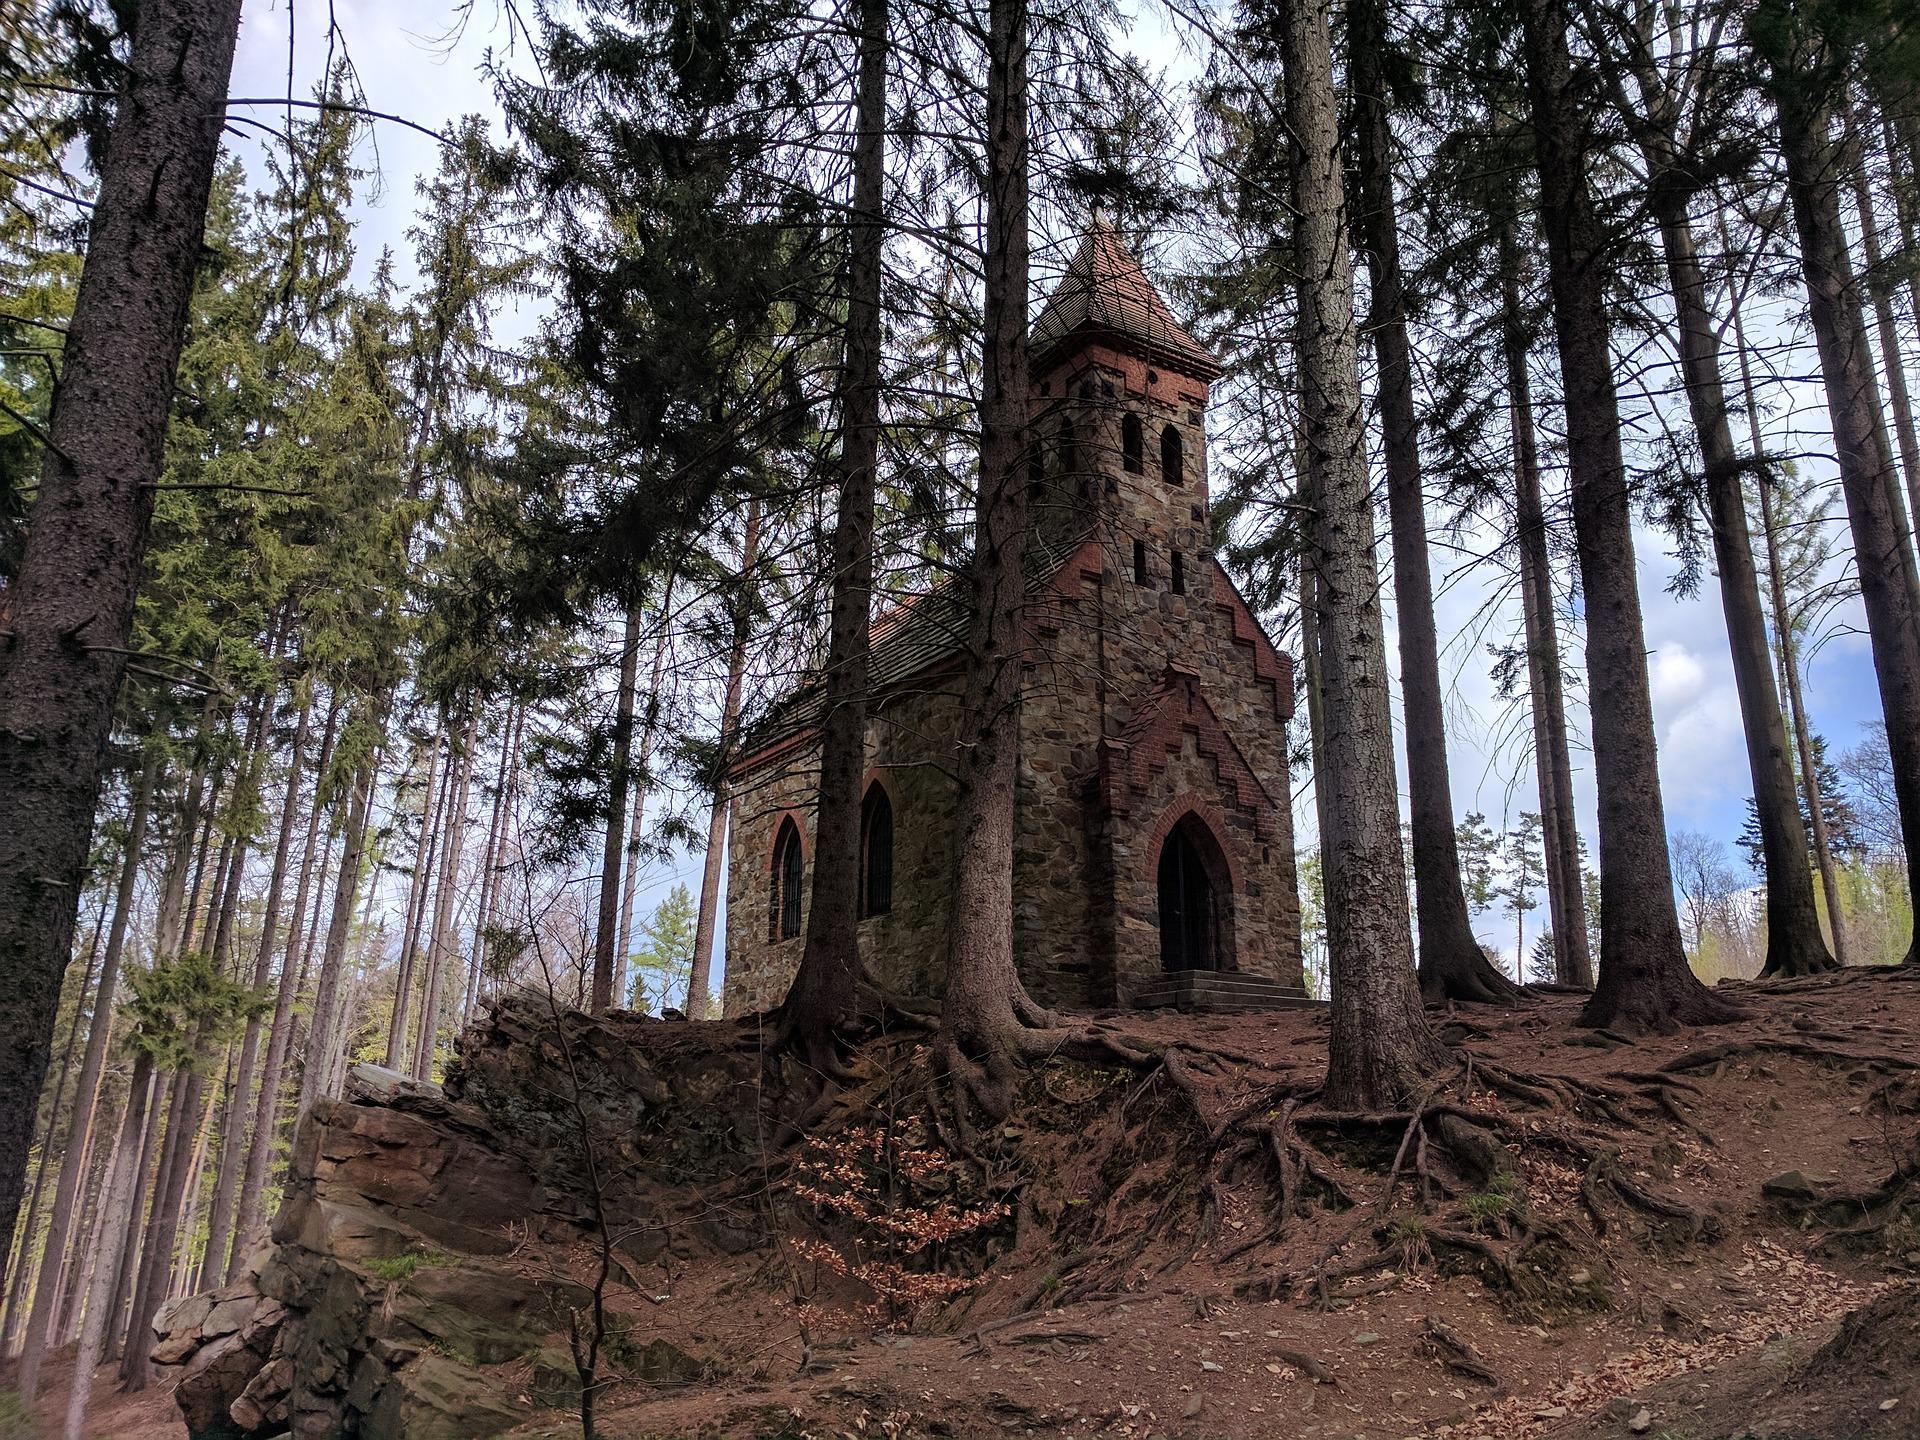 Часовня вместо храма появится в сквере на месте Печерского кладбища в Нижнем Новгород - фото 1